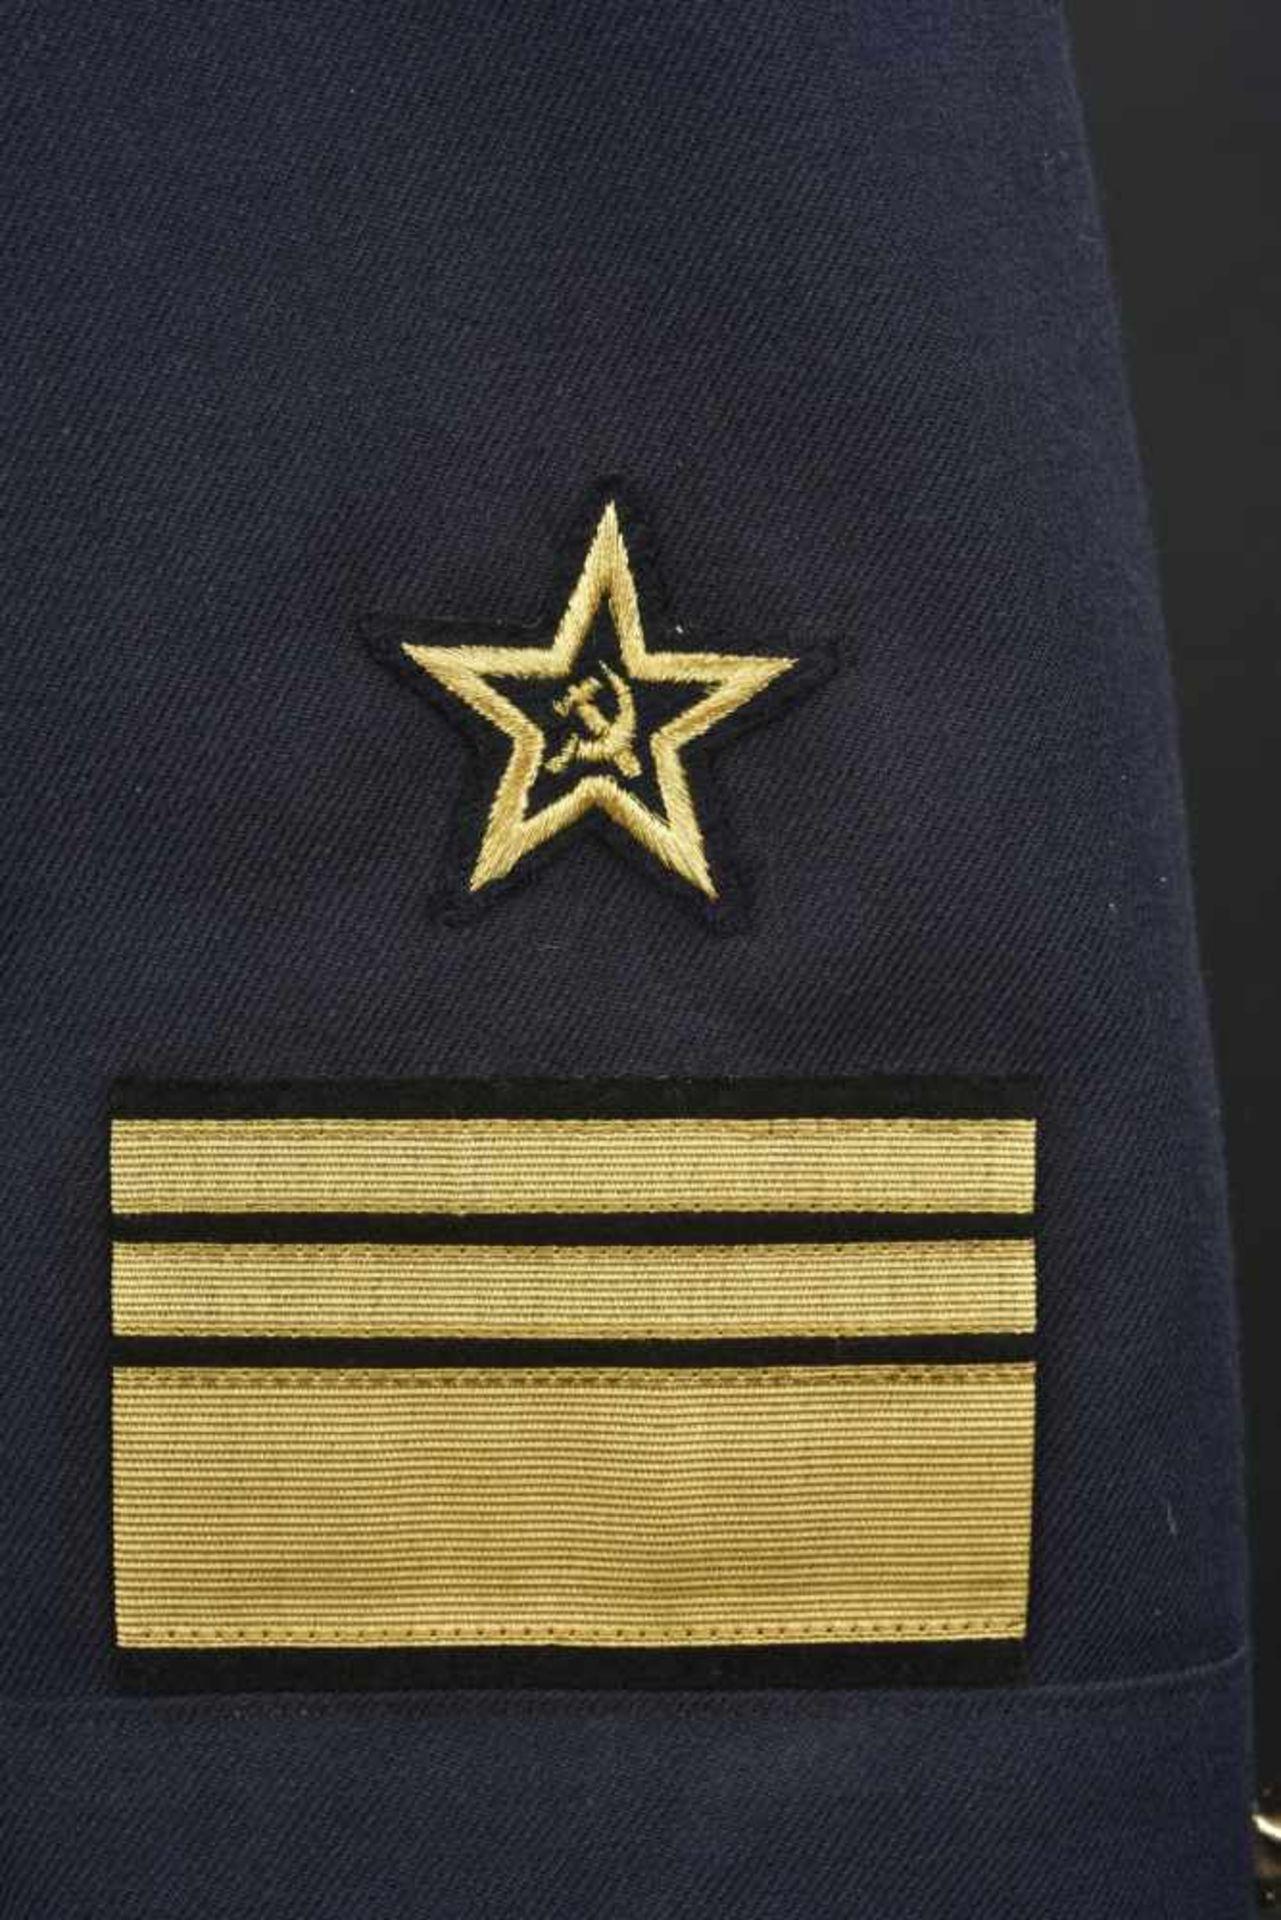 Vareuse de bord de vice-amiral soviétique, année 1990 En tissu bleu, tous les boutons sont présents, - Bild 3 aus 4